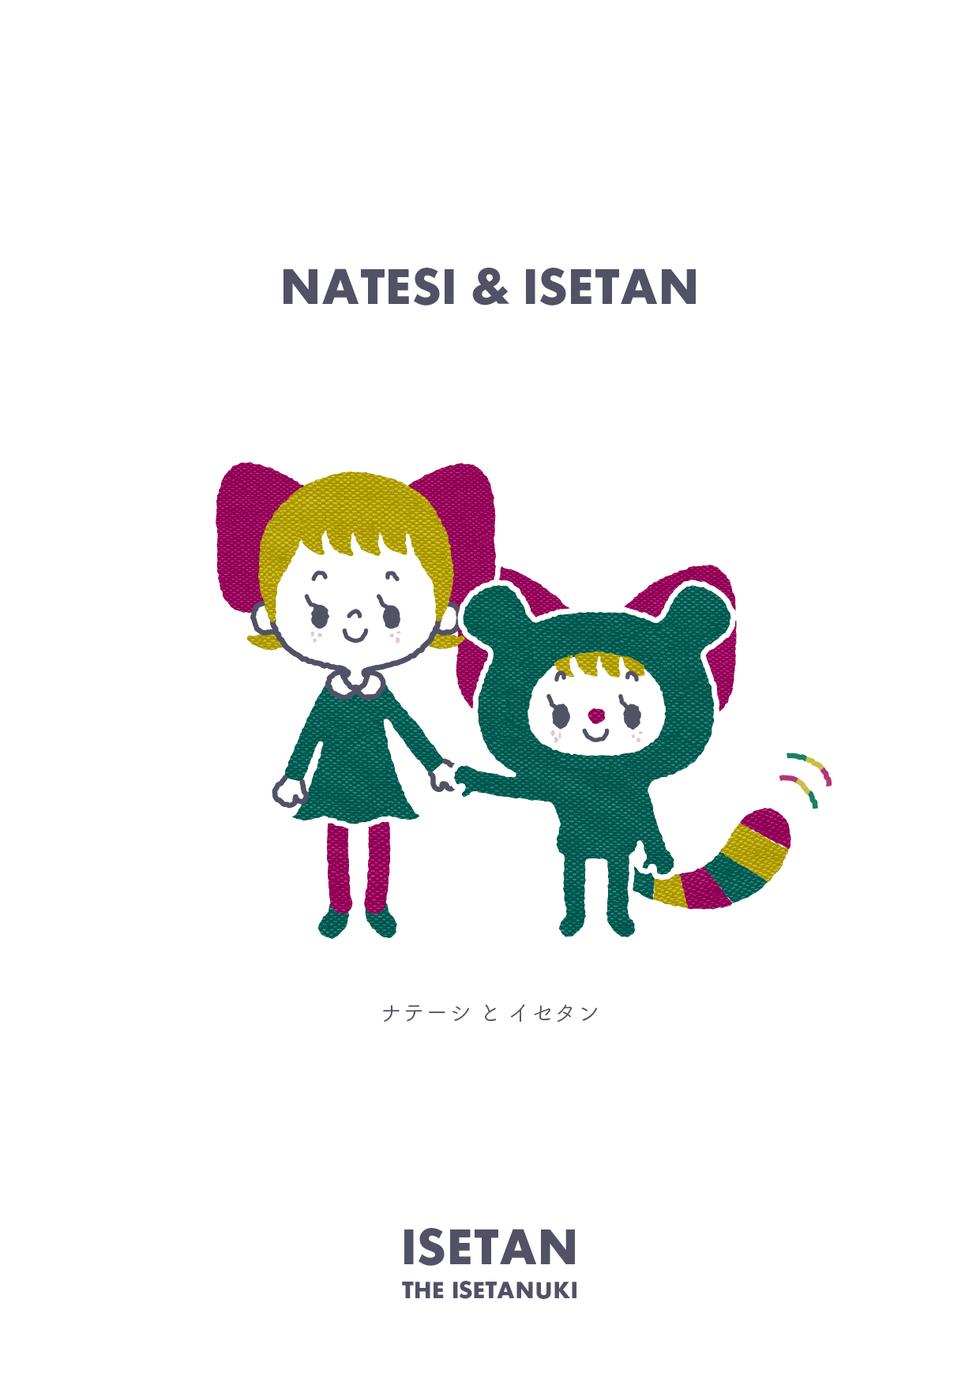 isetan-character-04.png